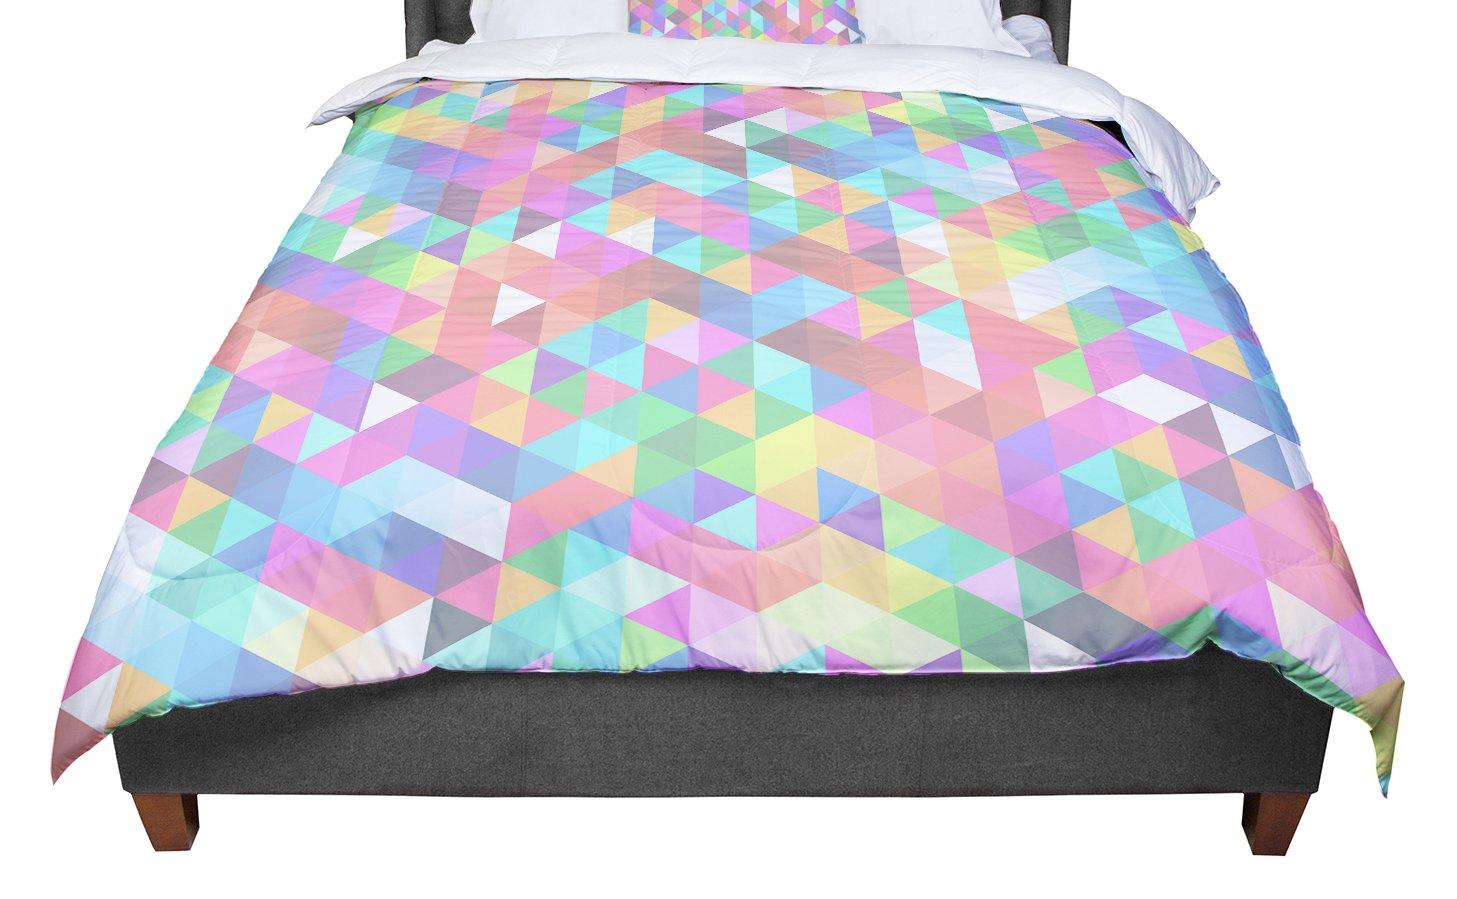 KESS InHouse Julie Hamilton Rhapsody Purple Pink Twin Comforter 68 X 88